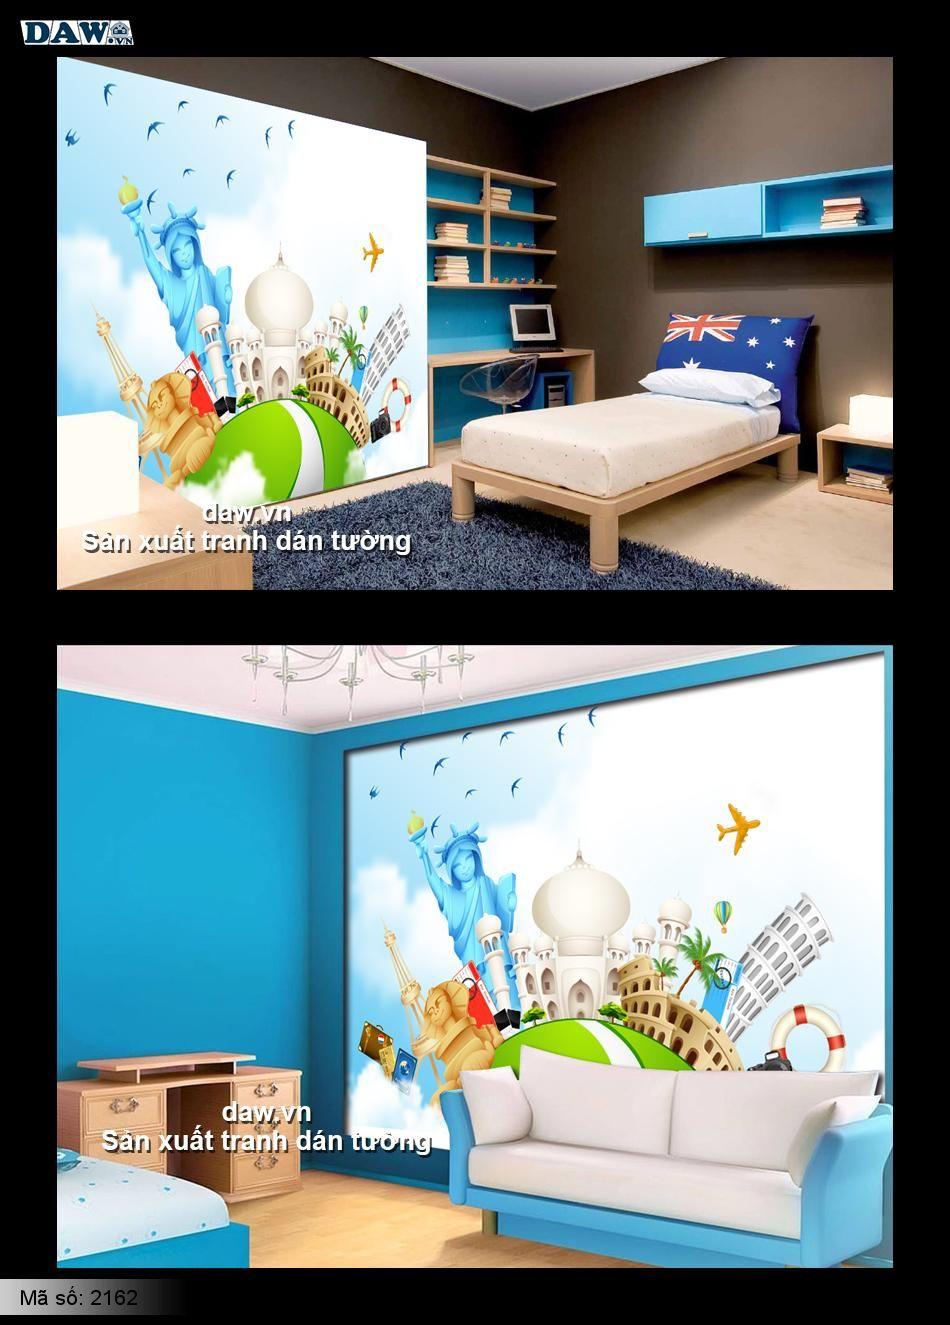 2162 | Tranh dán tường cho bé | tranh dán tường cho trẻ em | Tranh dán tường giá rẻ